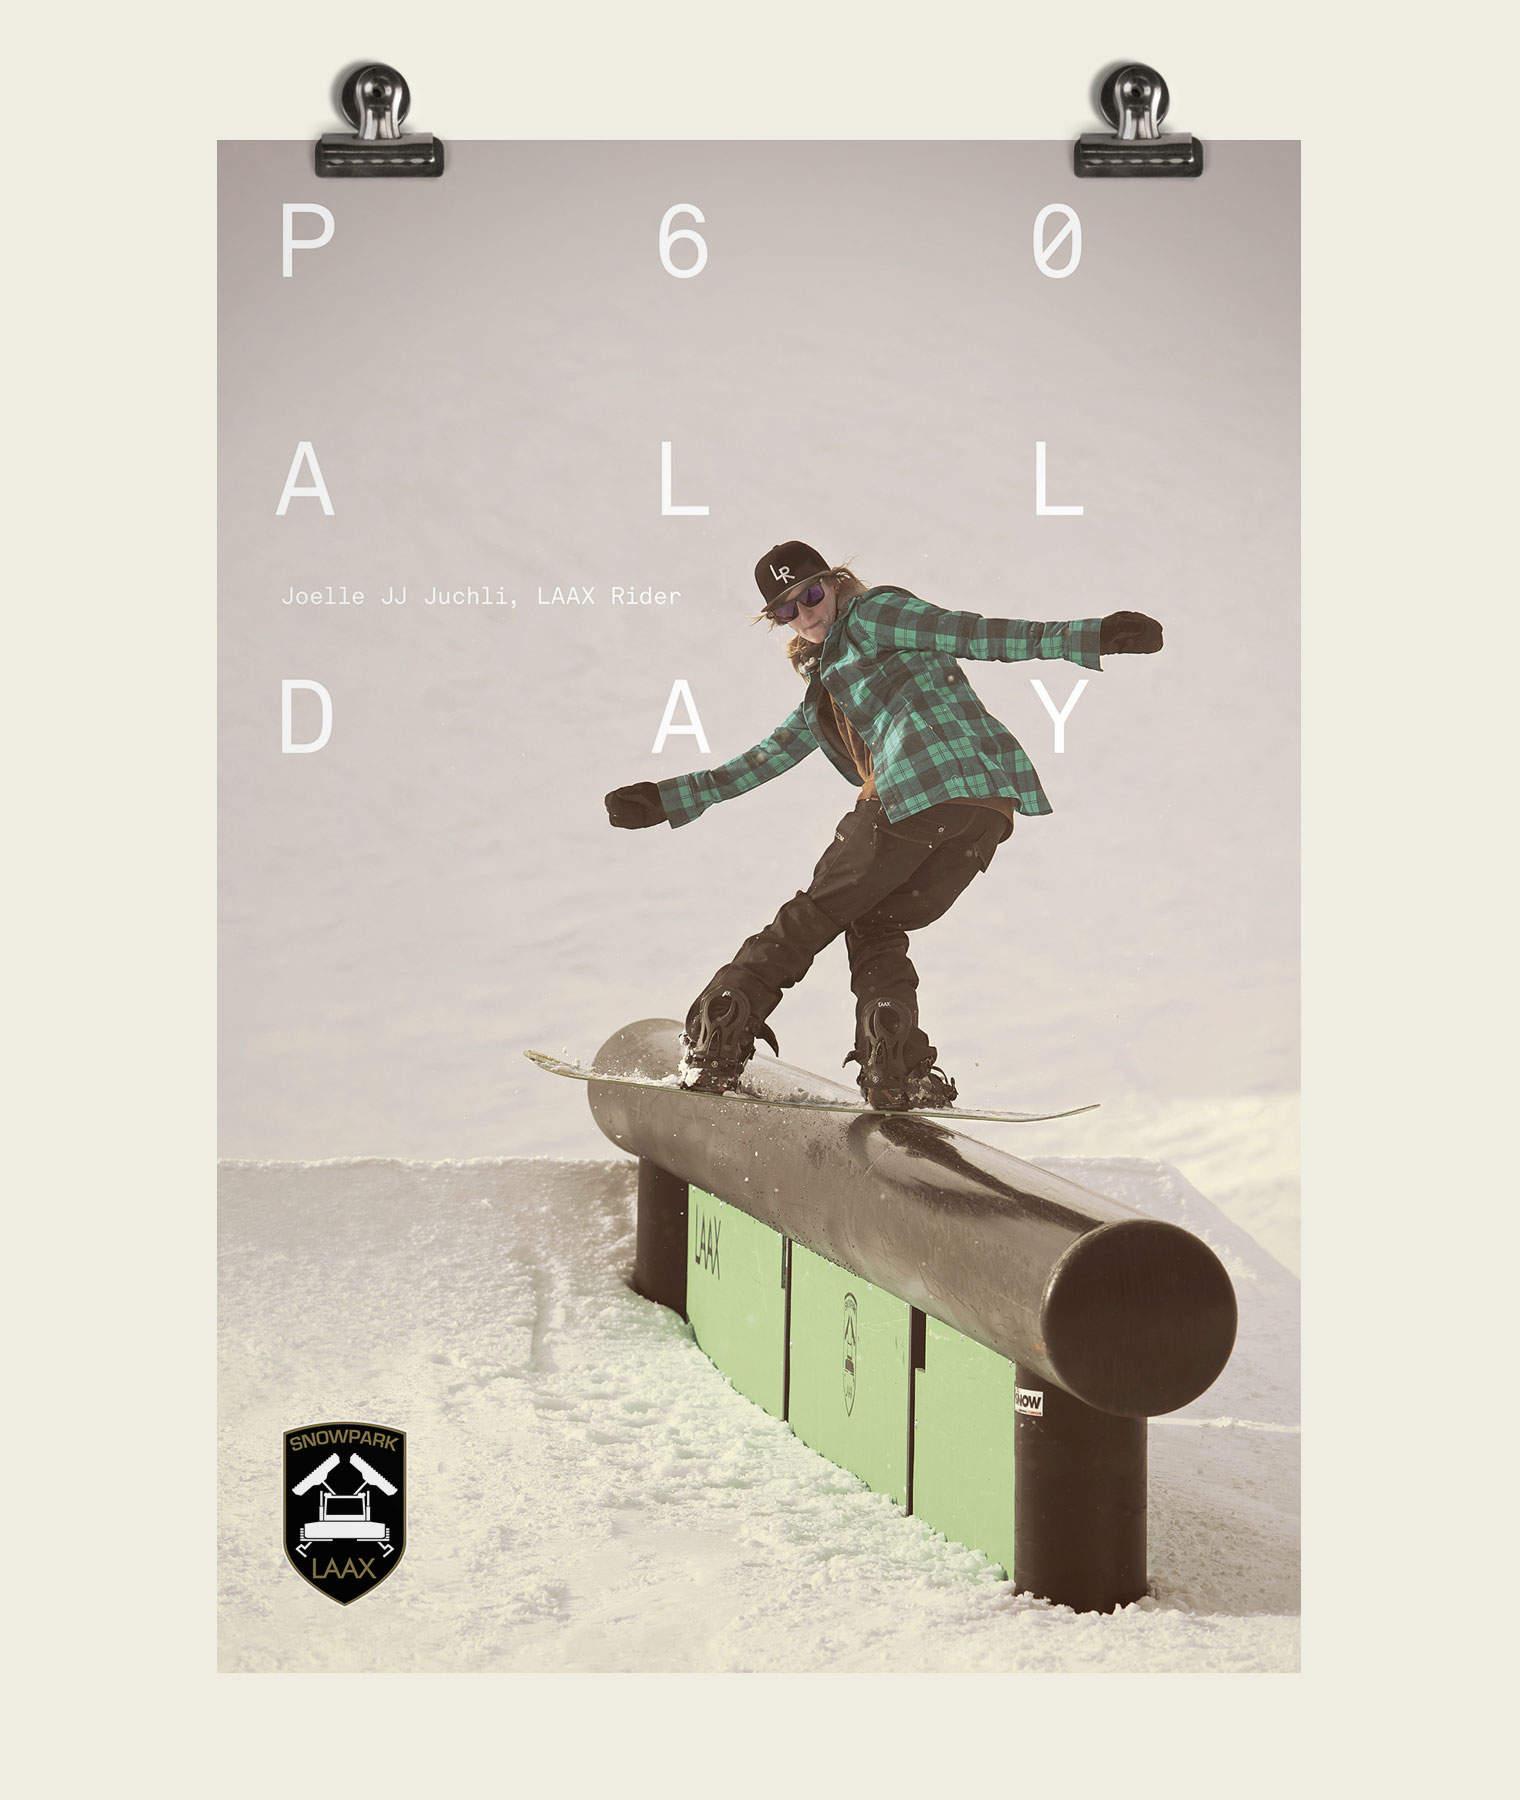 Snowpark_Laax_04